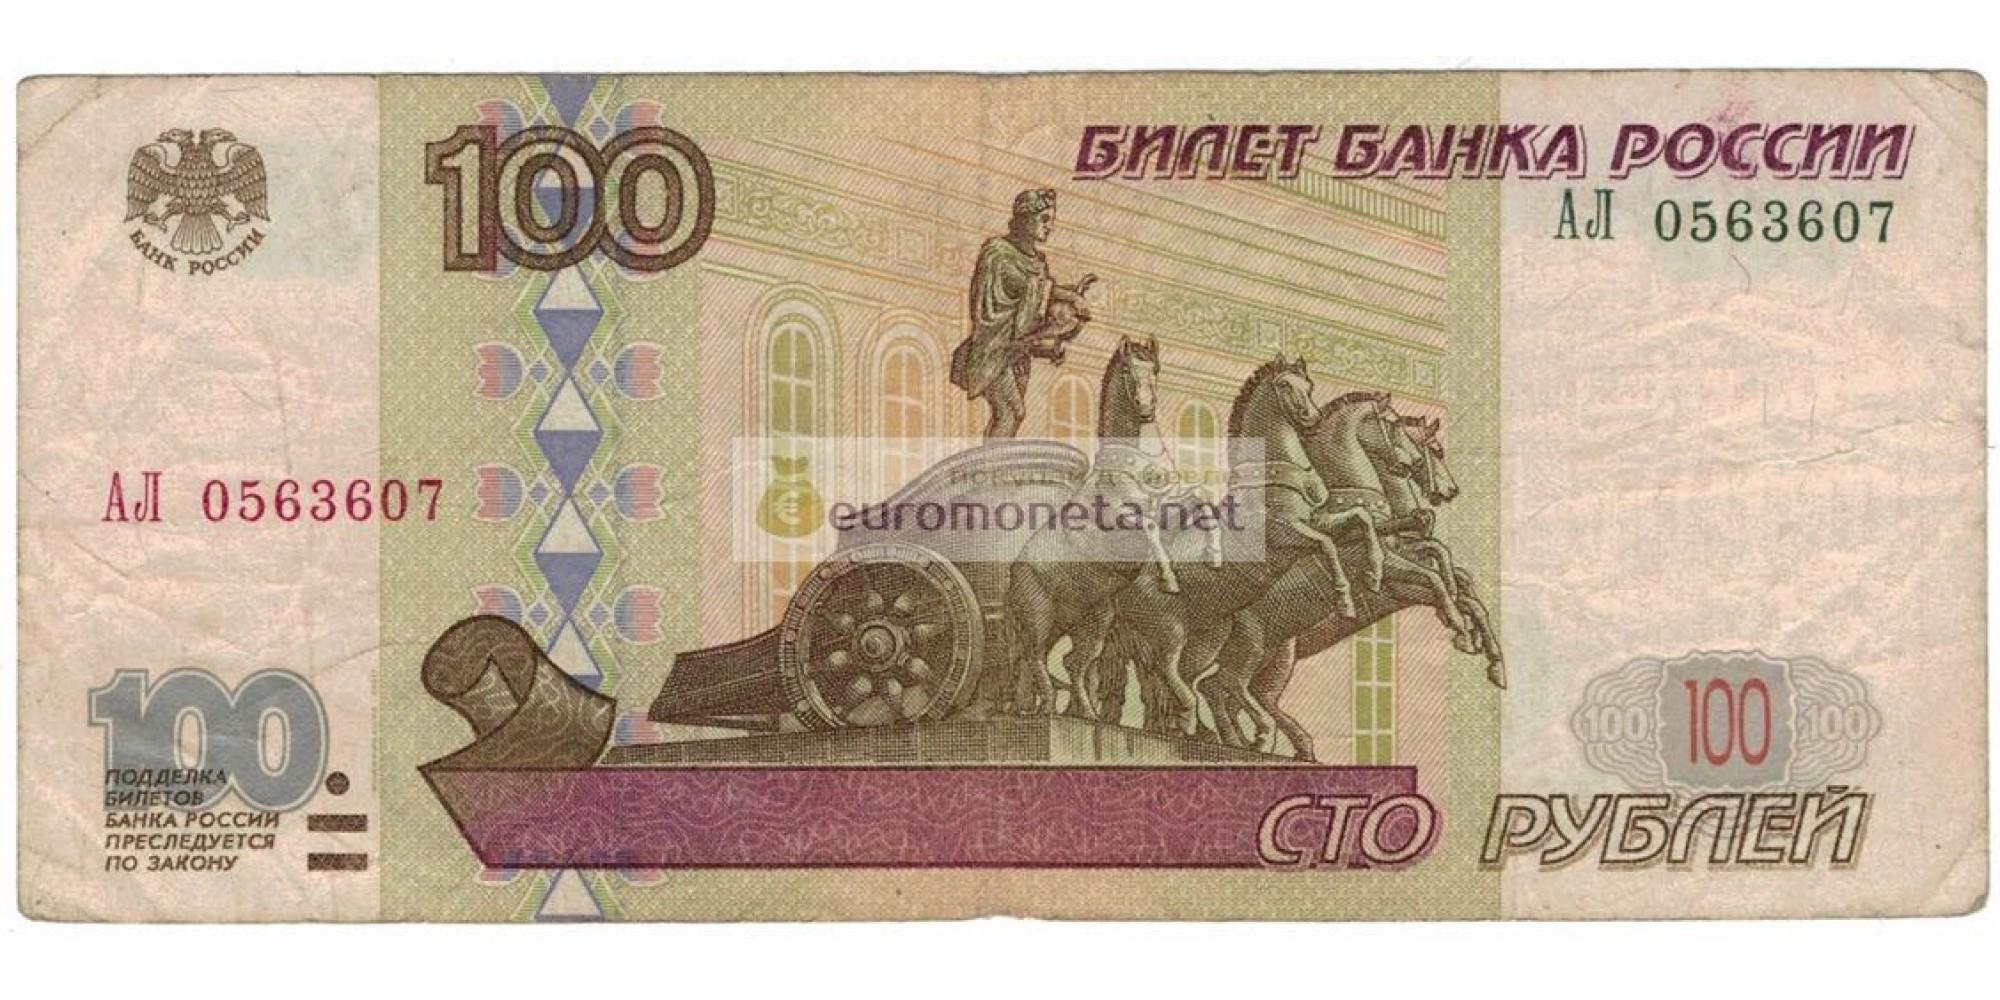 Россия 100 рублей 1997 год модификация 2001 год редкая серия АЛ 0563607